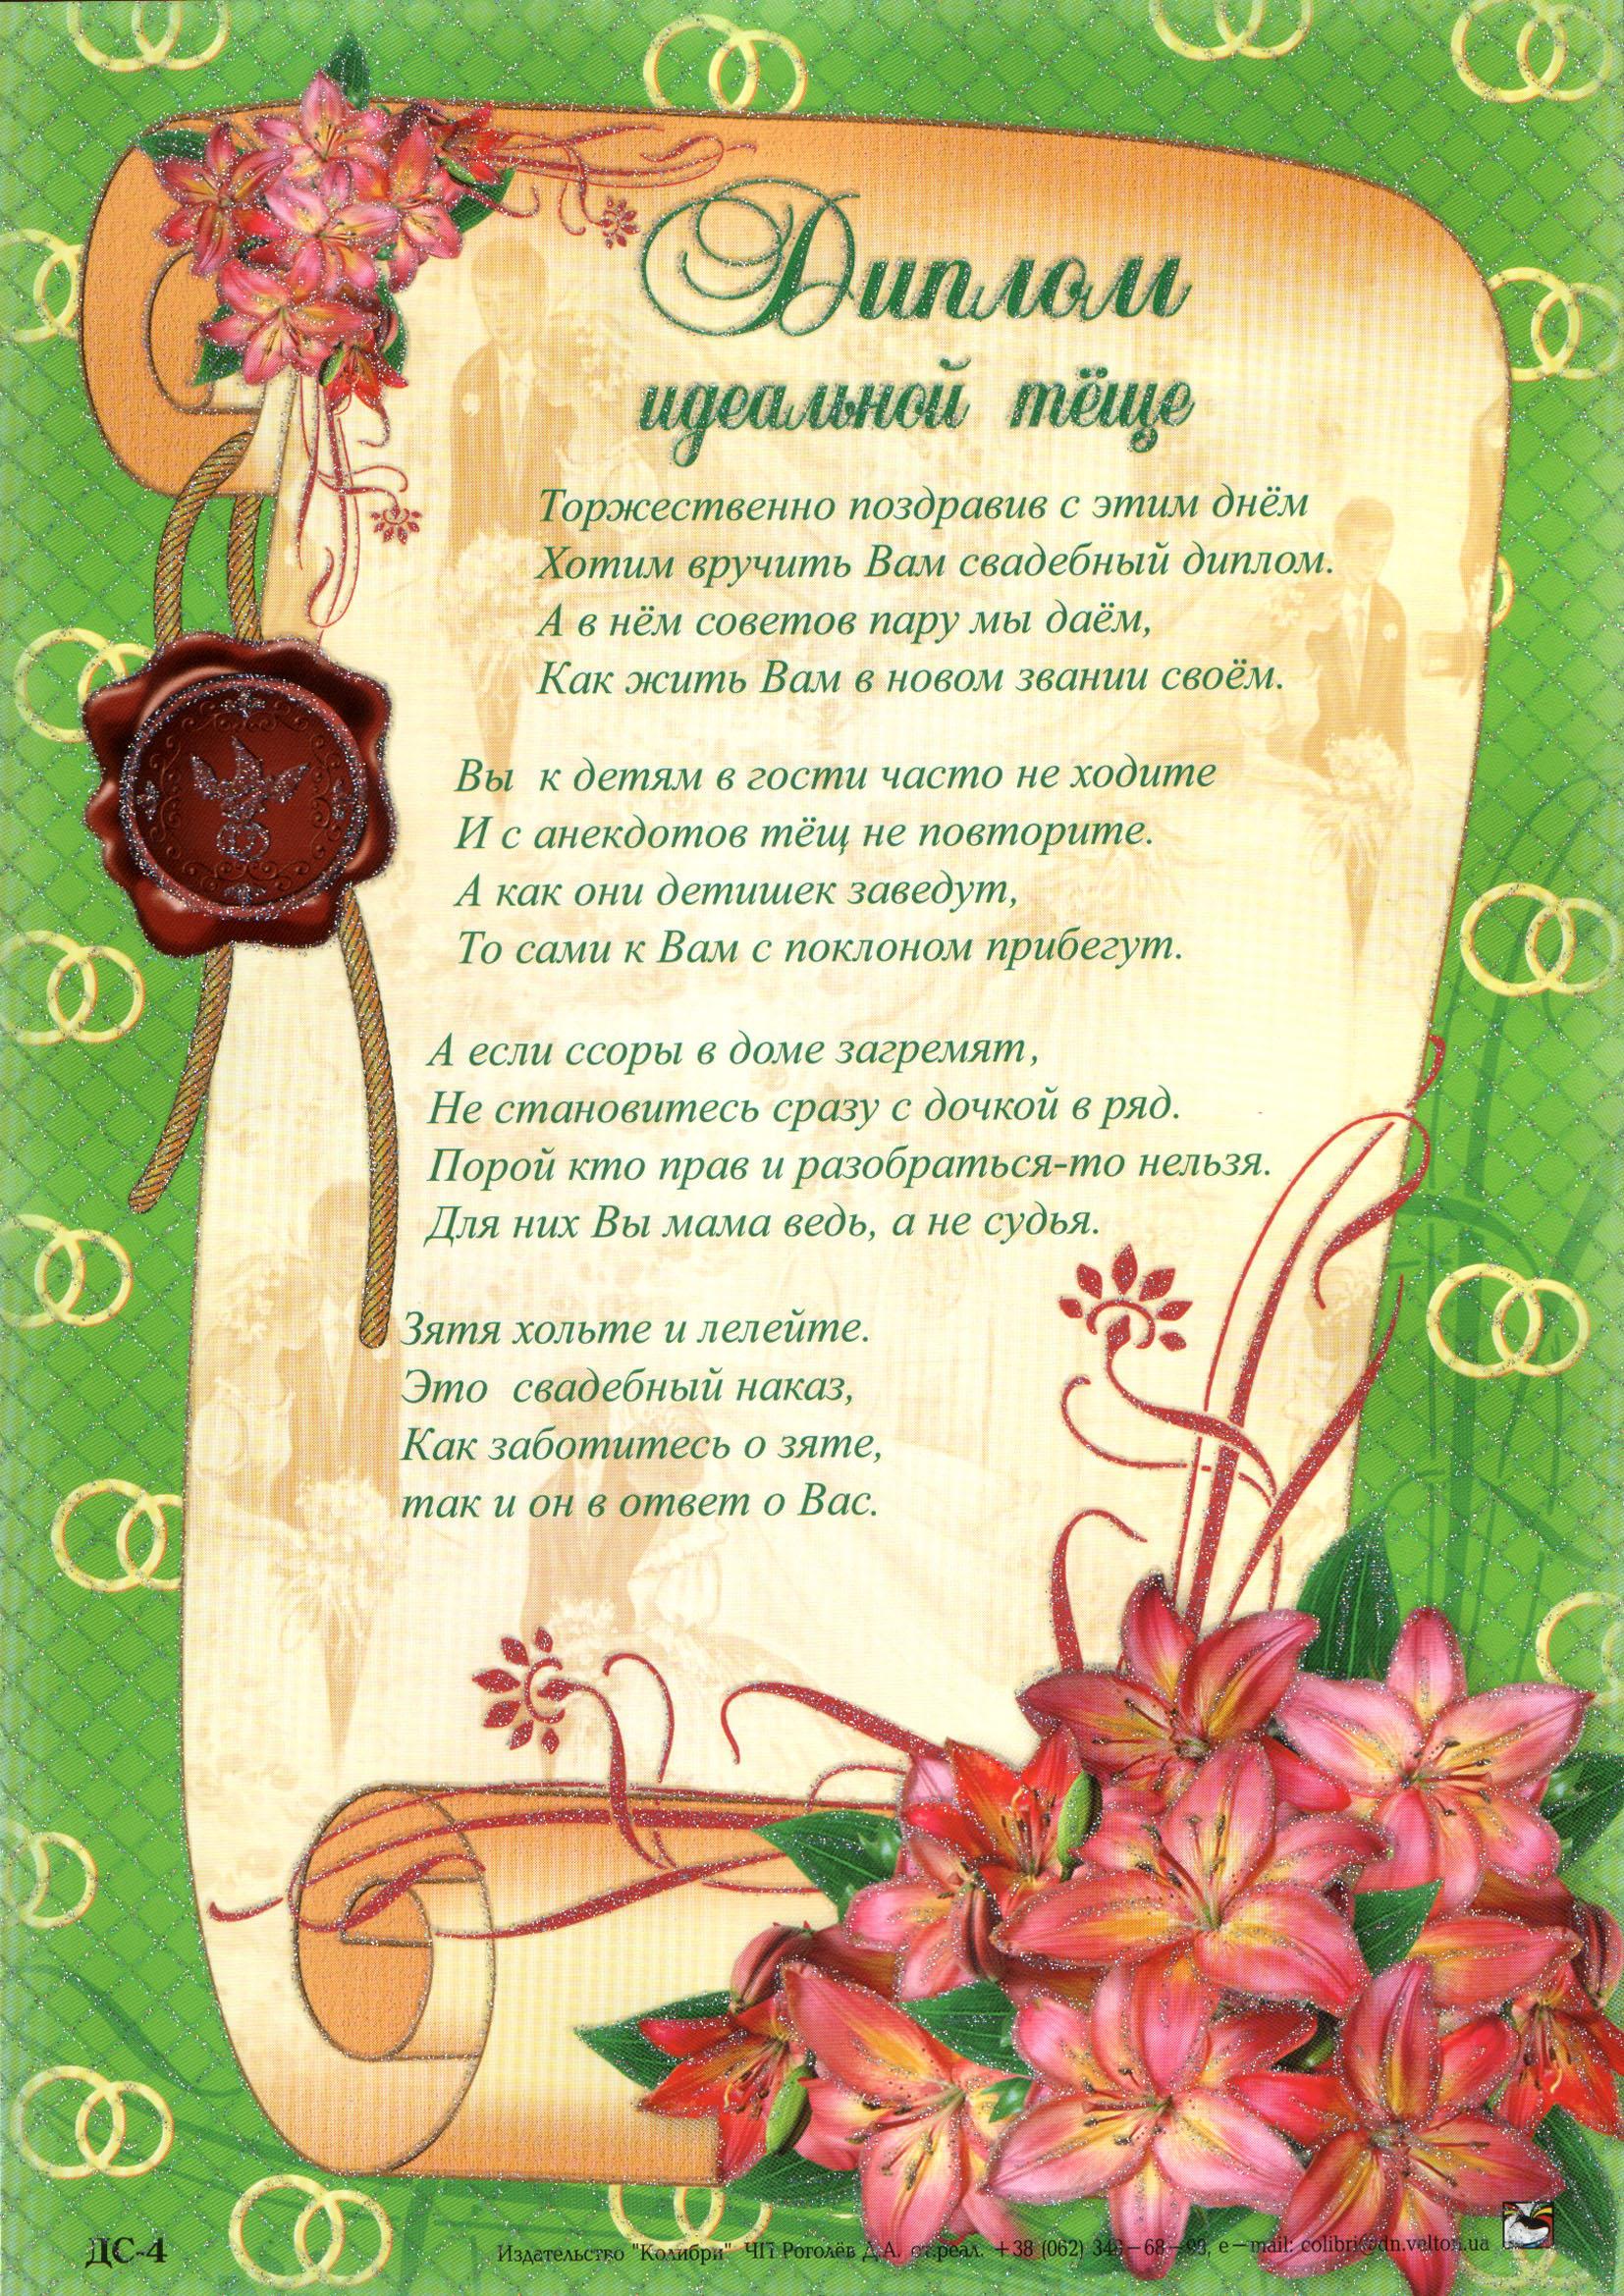 Поздравления с Днем Рождения снохе в стихах 58